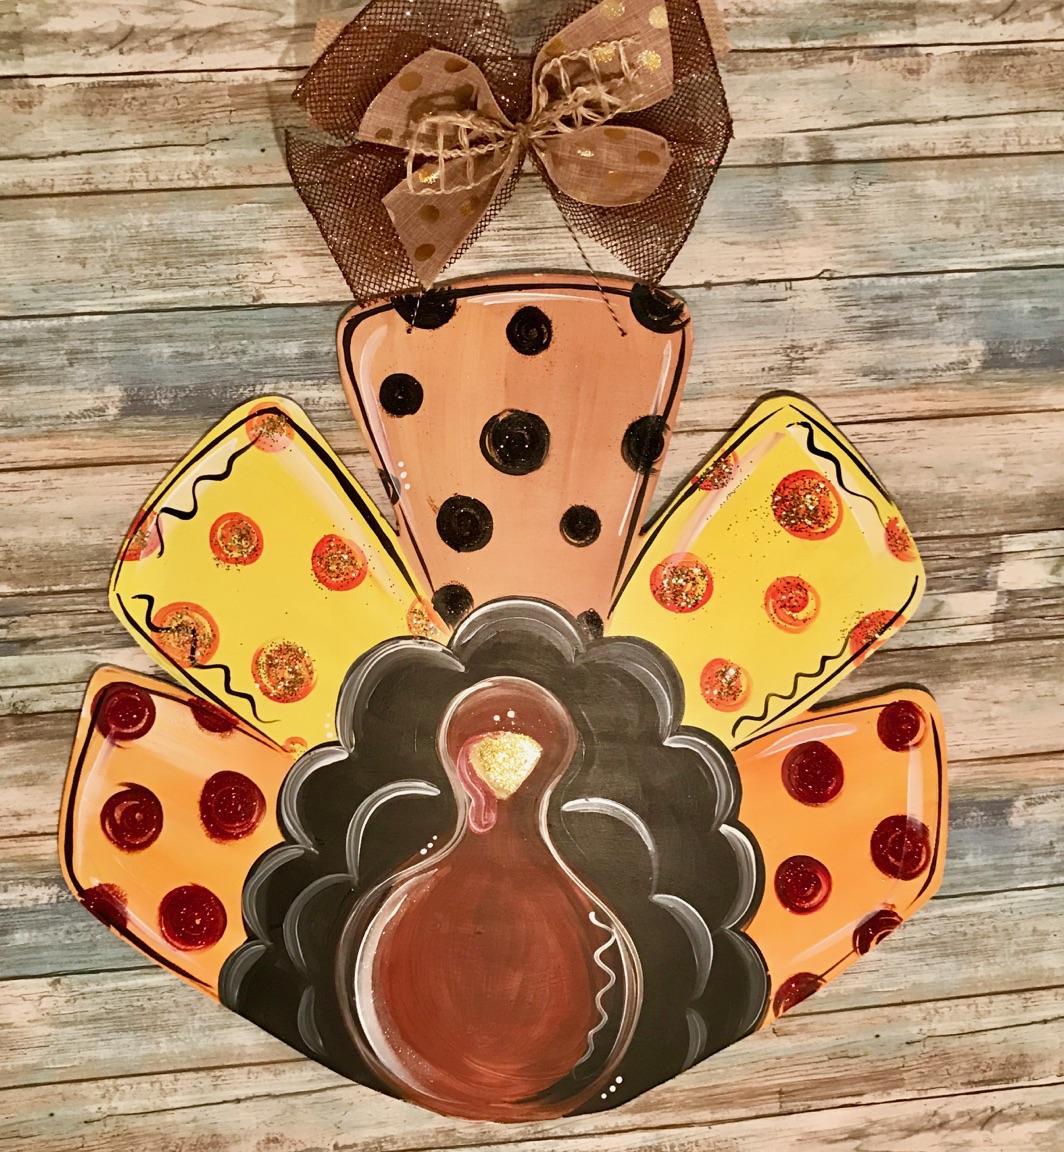 Turkey Door Hanger Unfinished: Thanksgiving Turkey Wooden Door Hanger